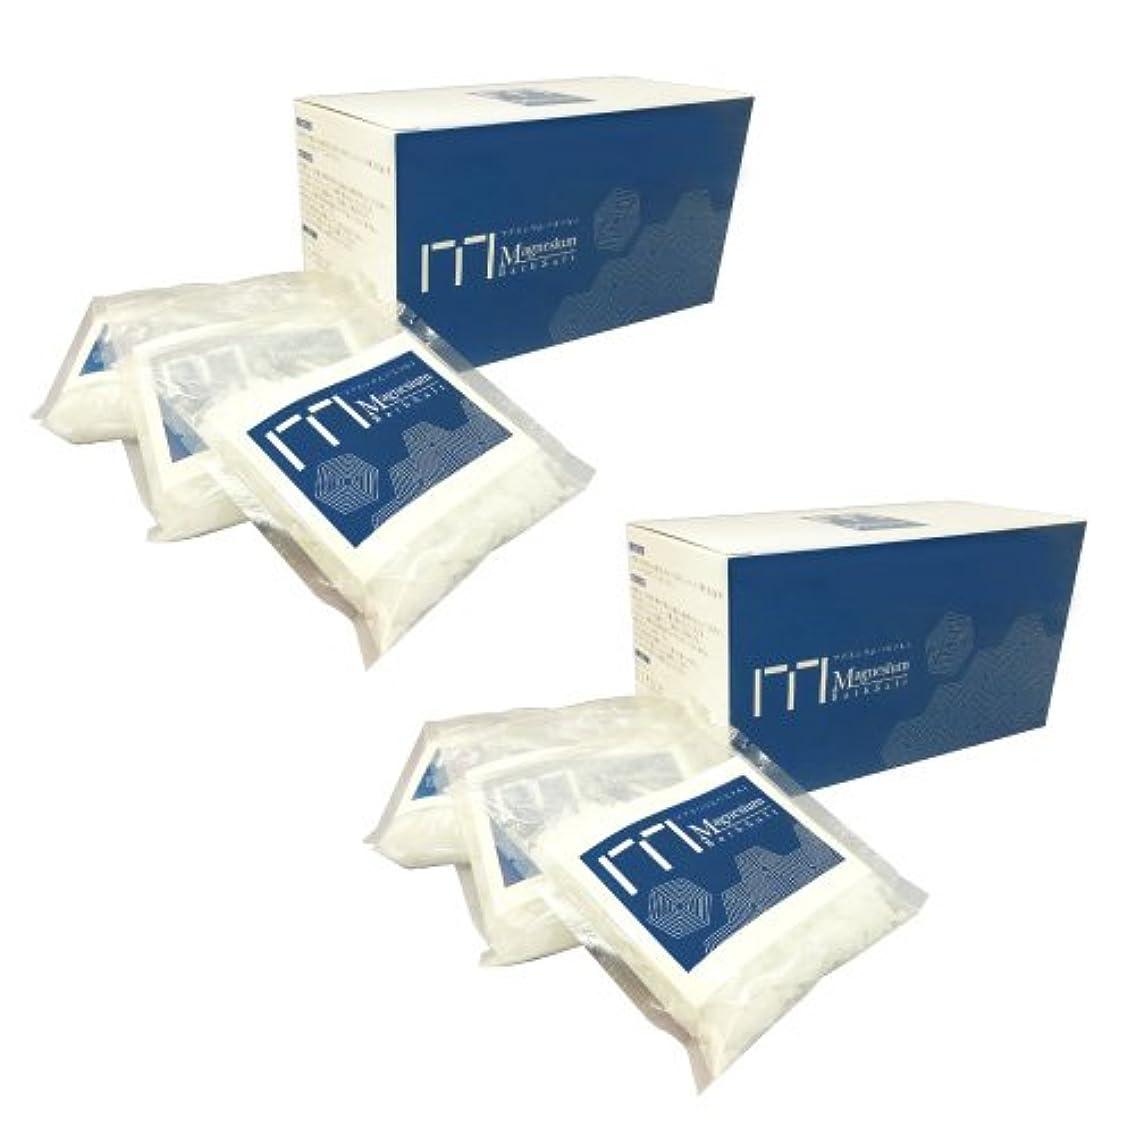 代替案巻き戻す正規化ニューサイエンス マグネシウム入浴剤 (2個)